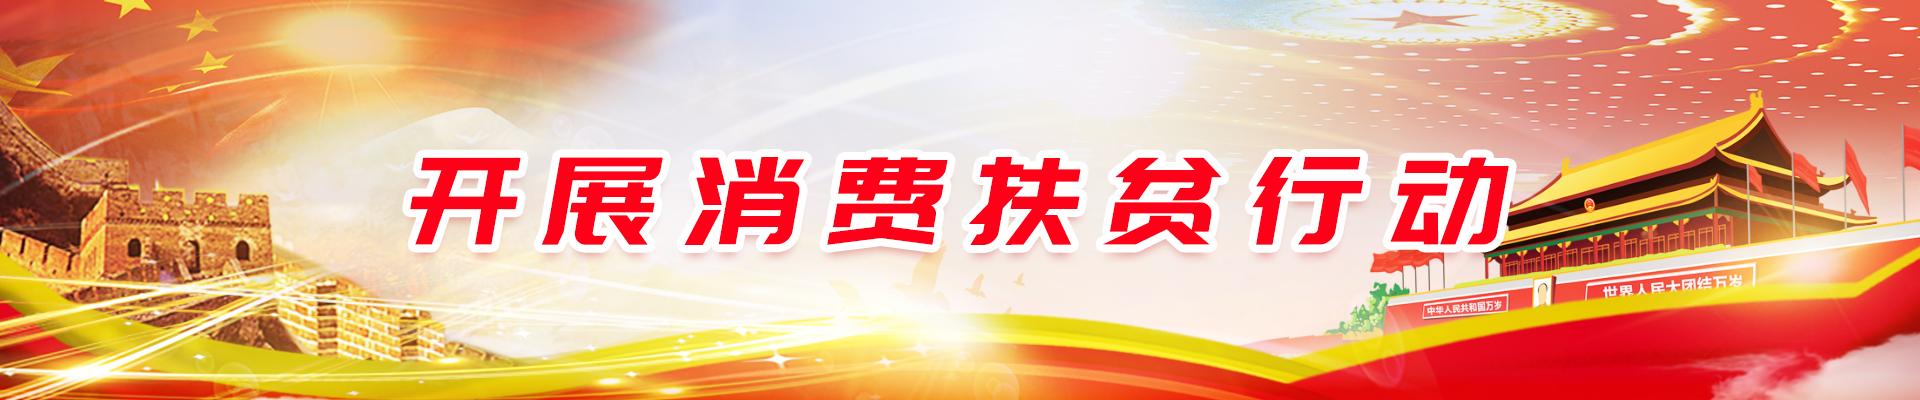 中国社会扶贫网认证产品